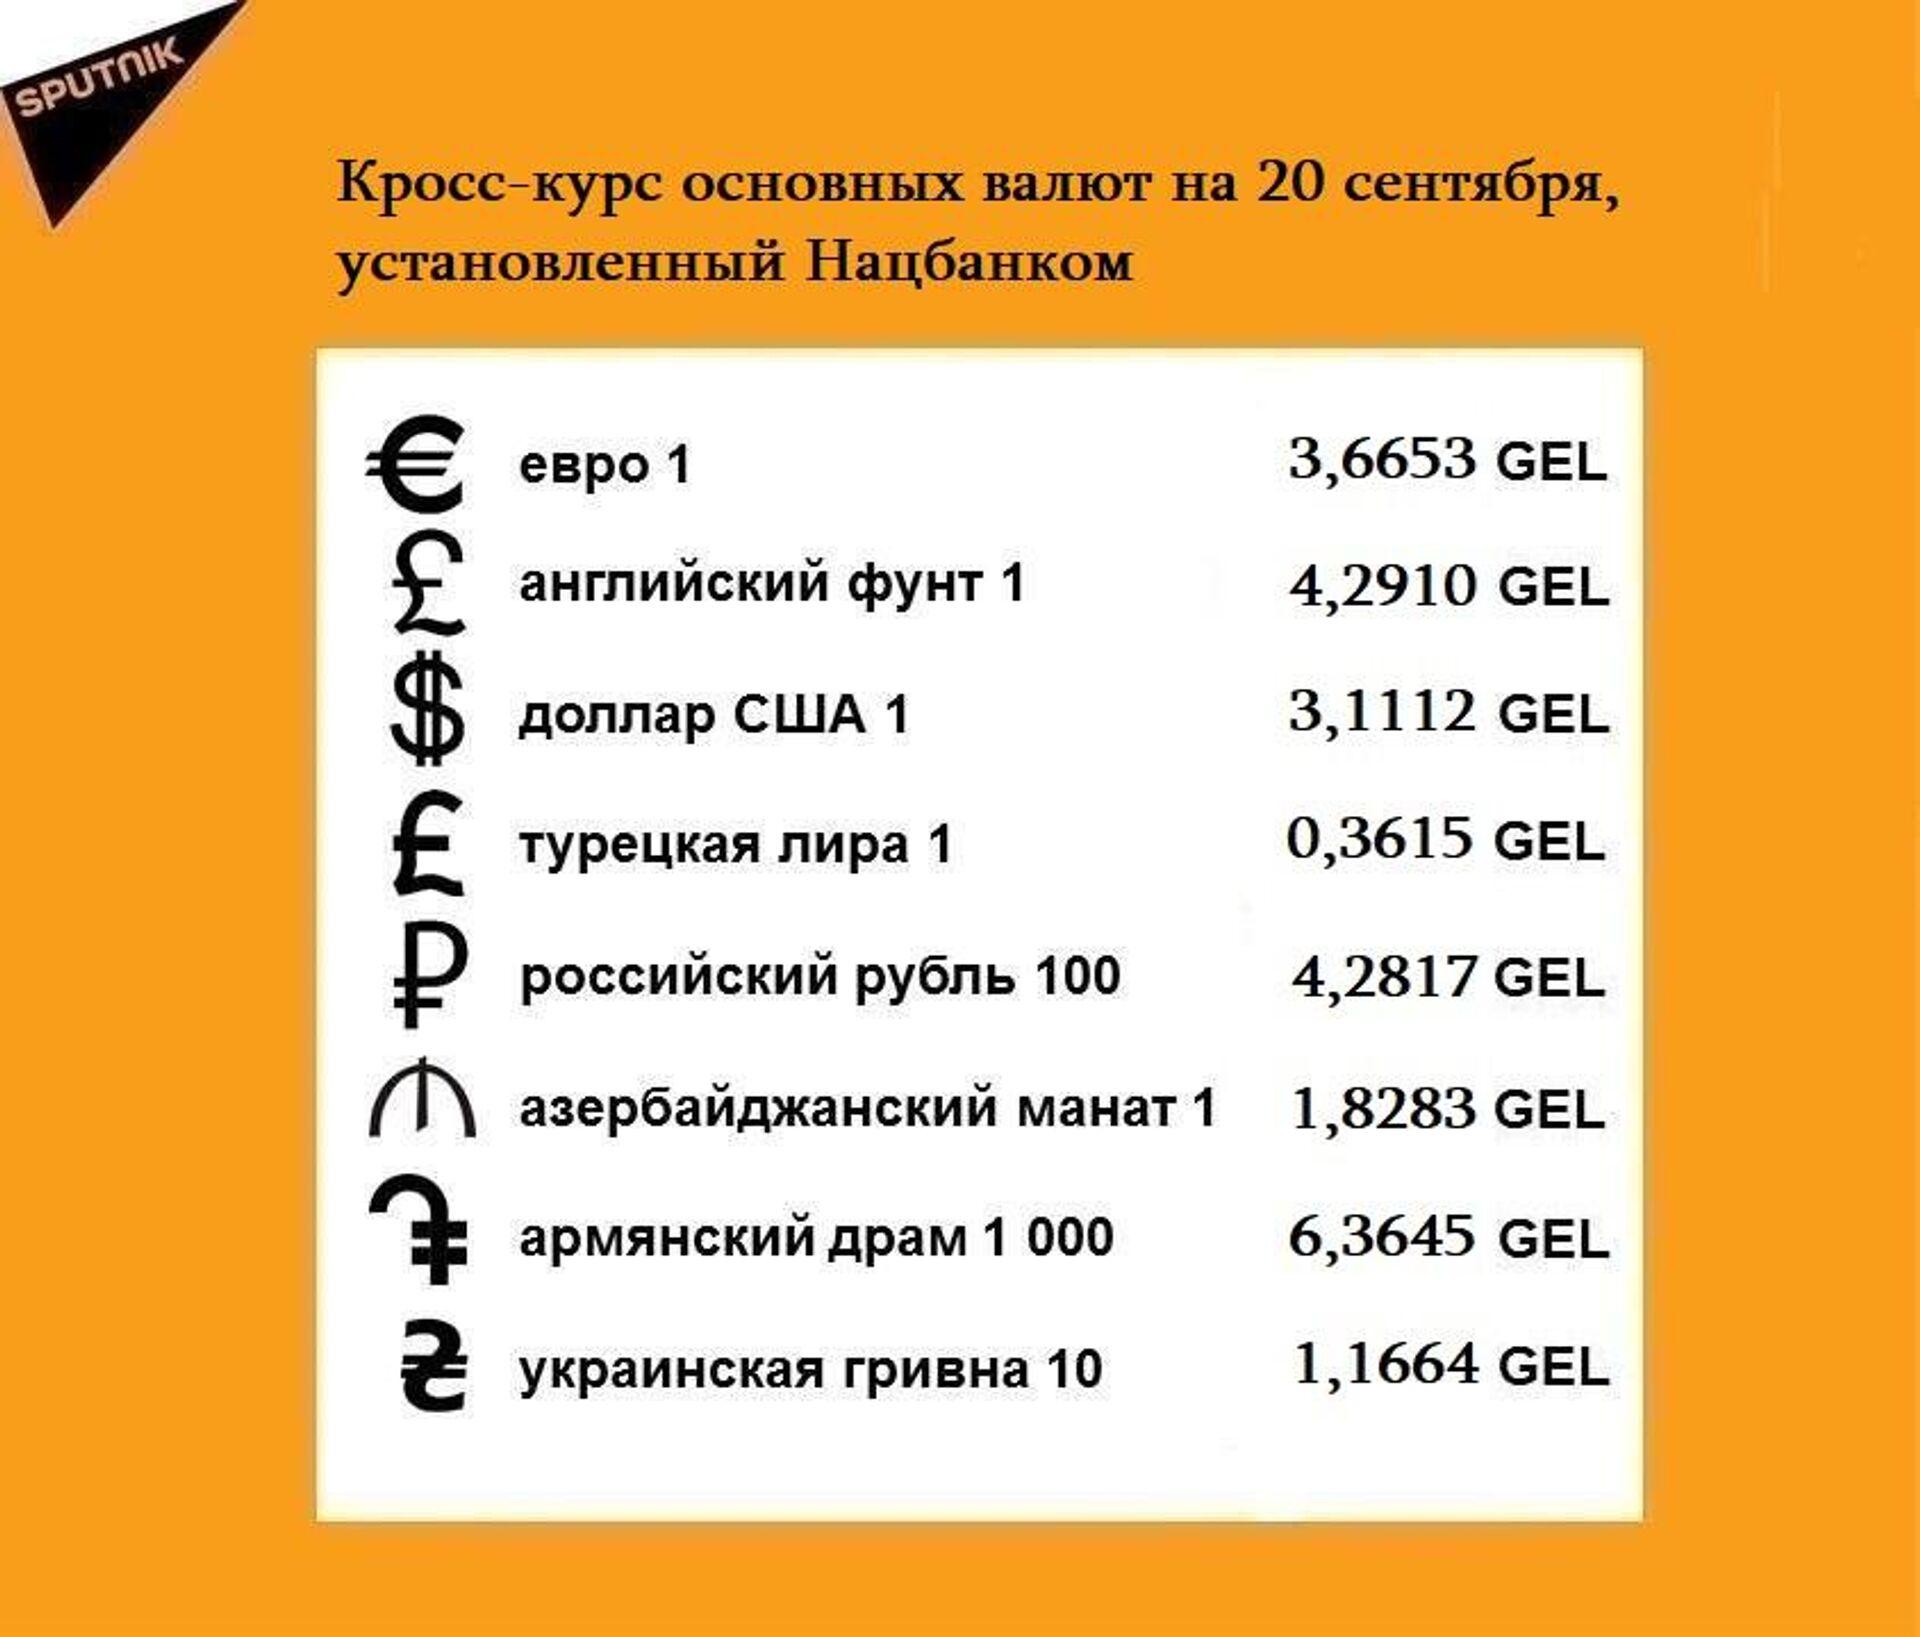 Кросс-курс основных валют на 20 сентября - Sputnik Грузия, 1920, 19.09.2021